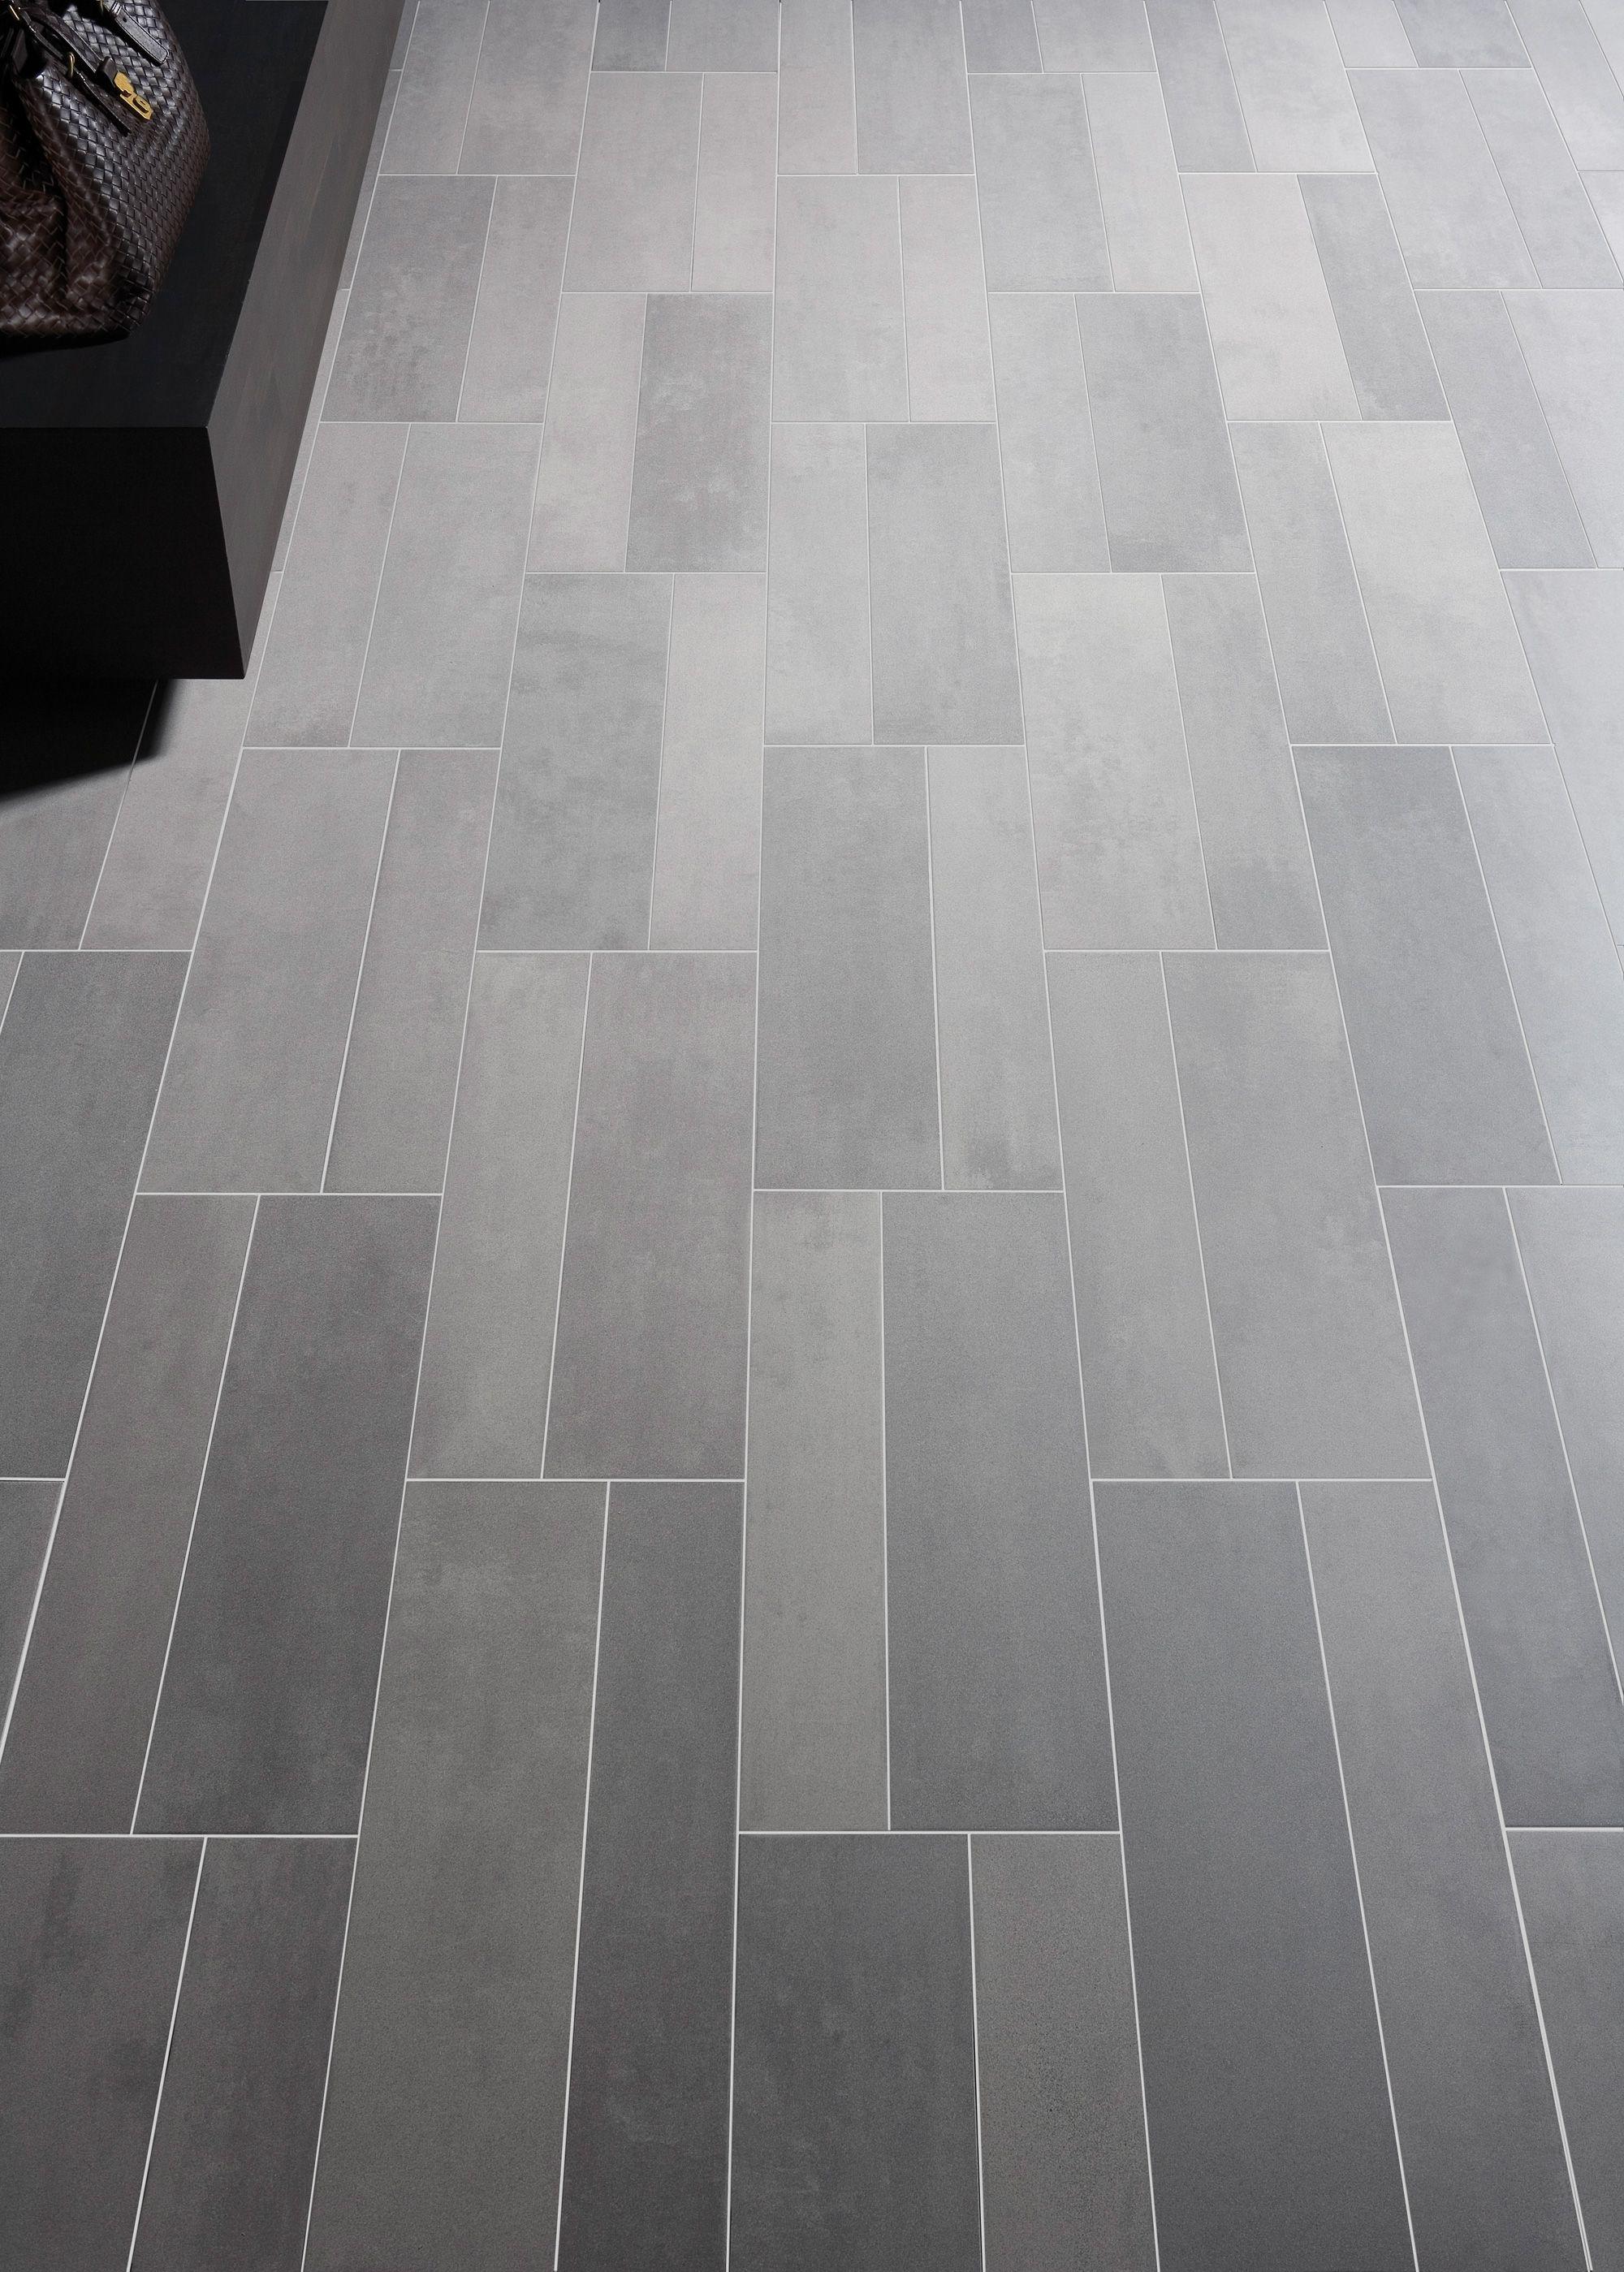 Image Result For Rectangle Tile Layout Patterns Tile Layout Tile Floor Tiles